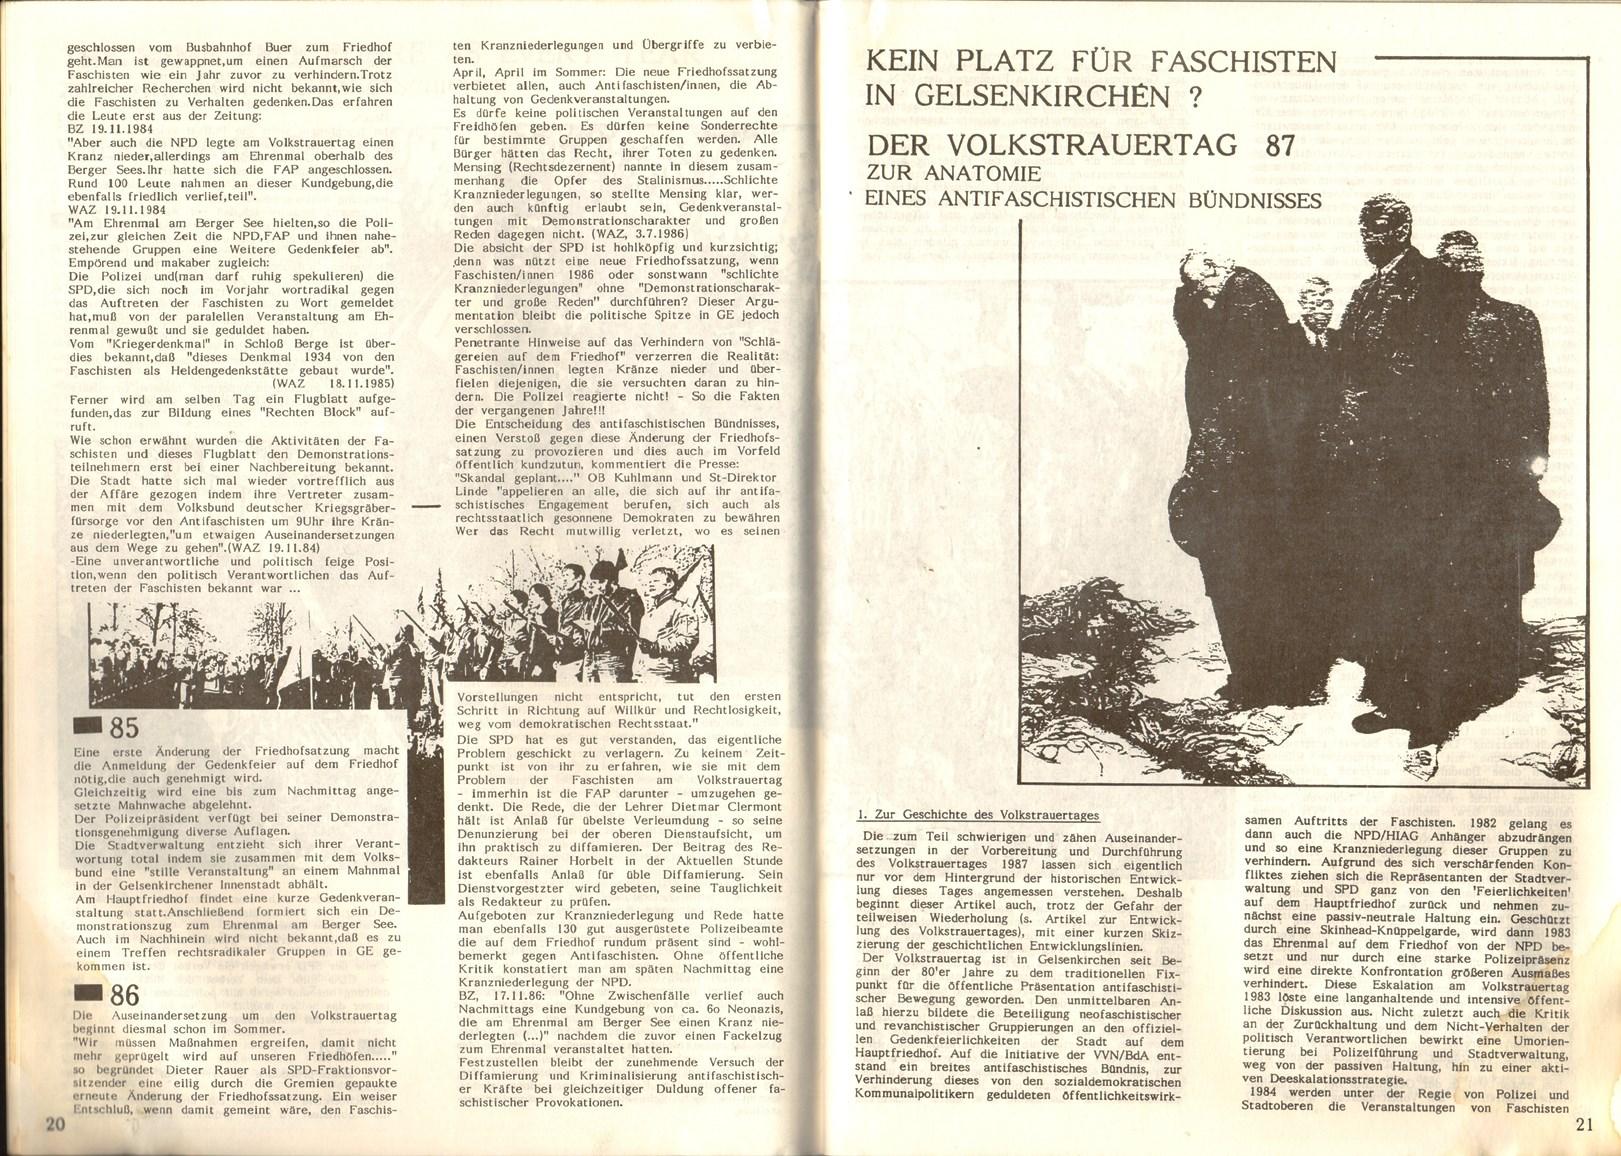 Gelsenkirchen_Zukunft_Vergangenheit_1988_11